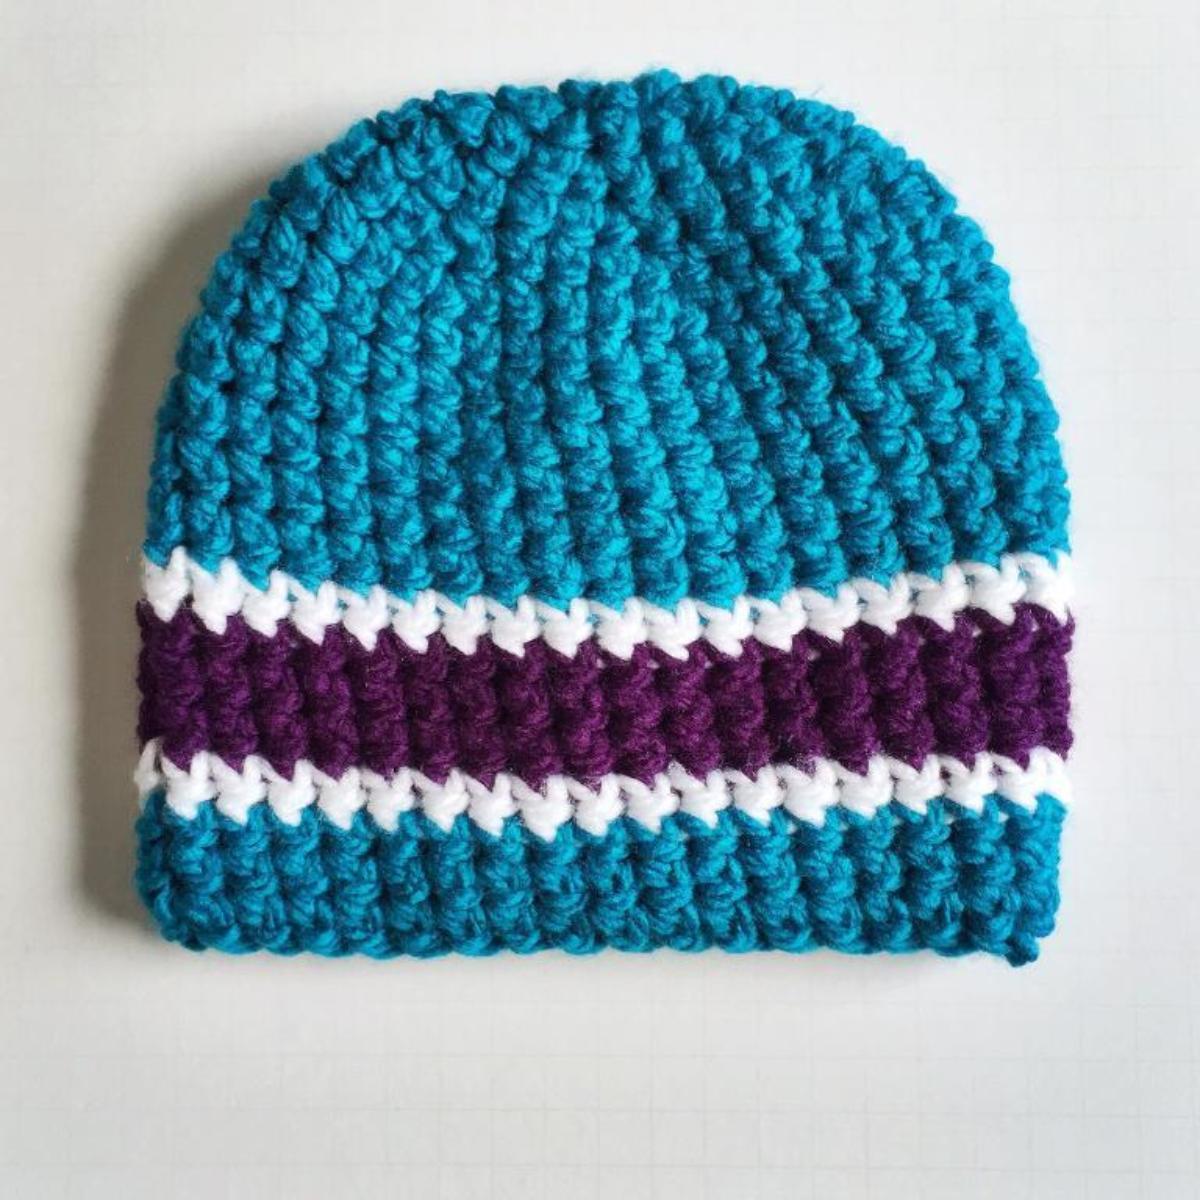 Triple Stripe Crochet Beanie Pattern for Men